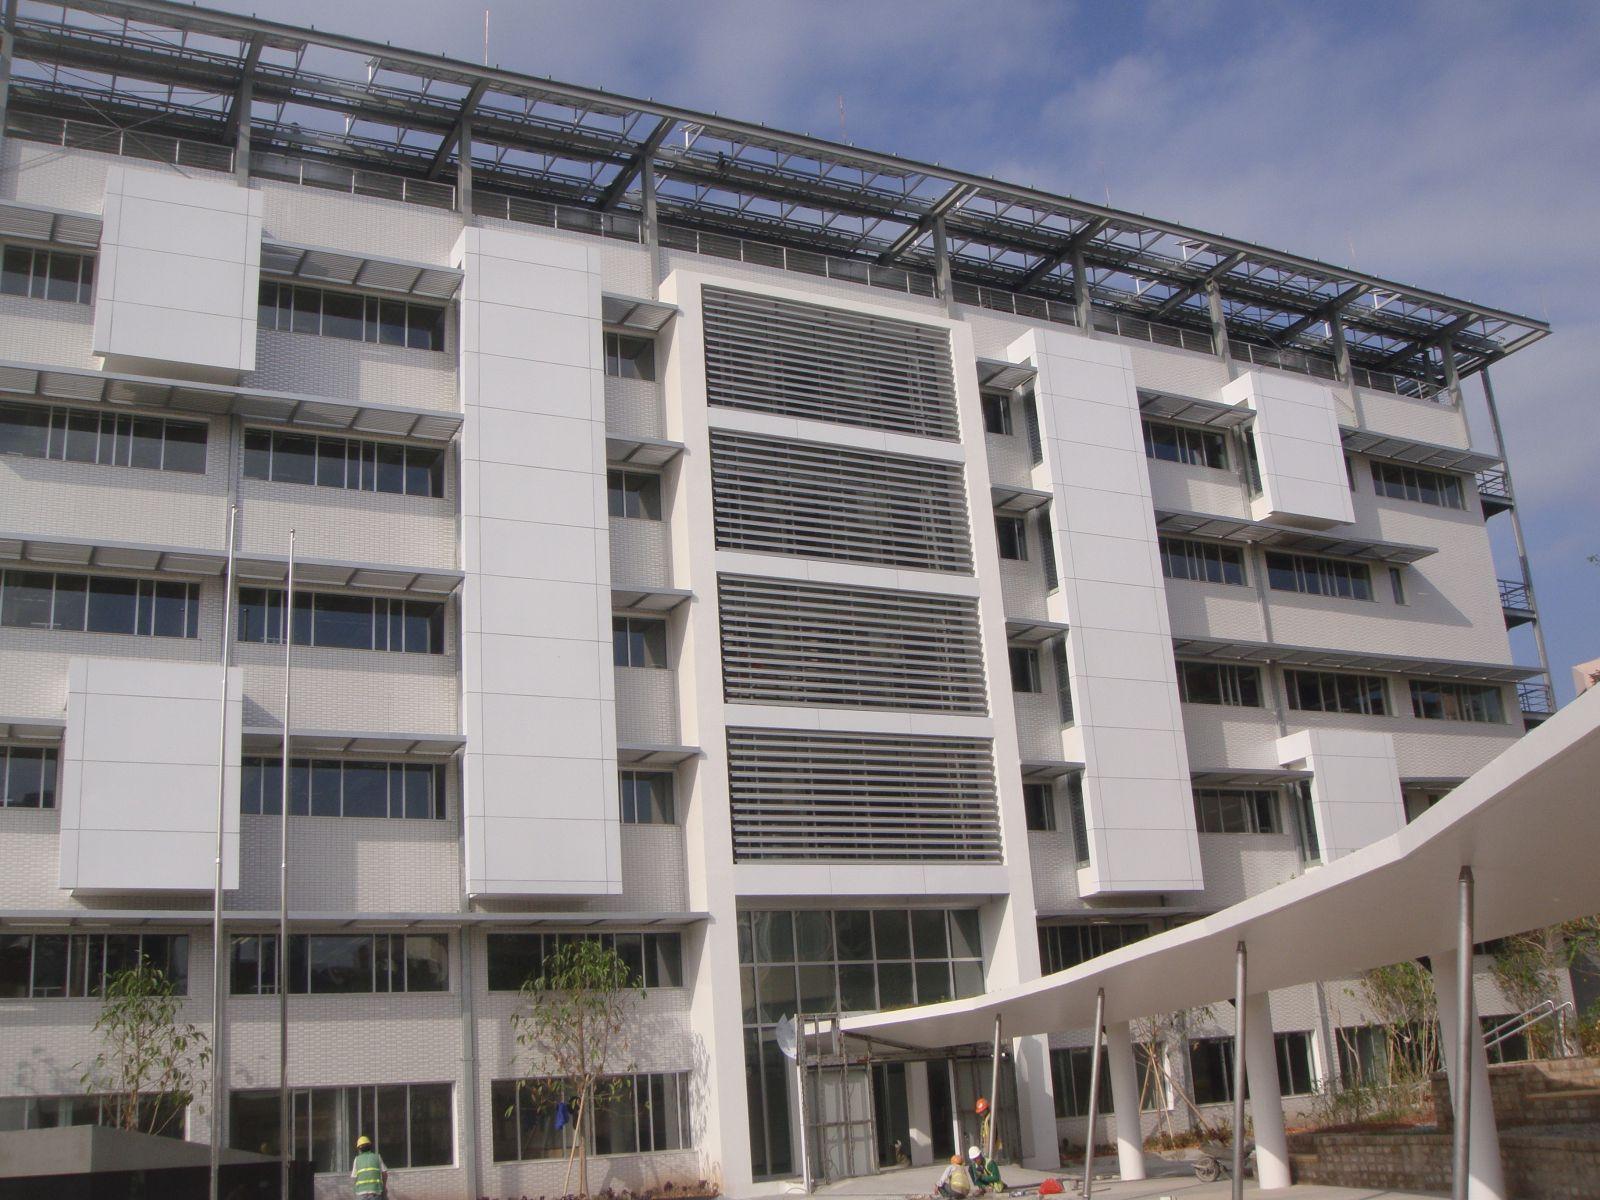 Tòa nhà xanh chung liên hợp quốc